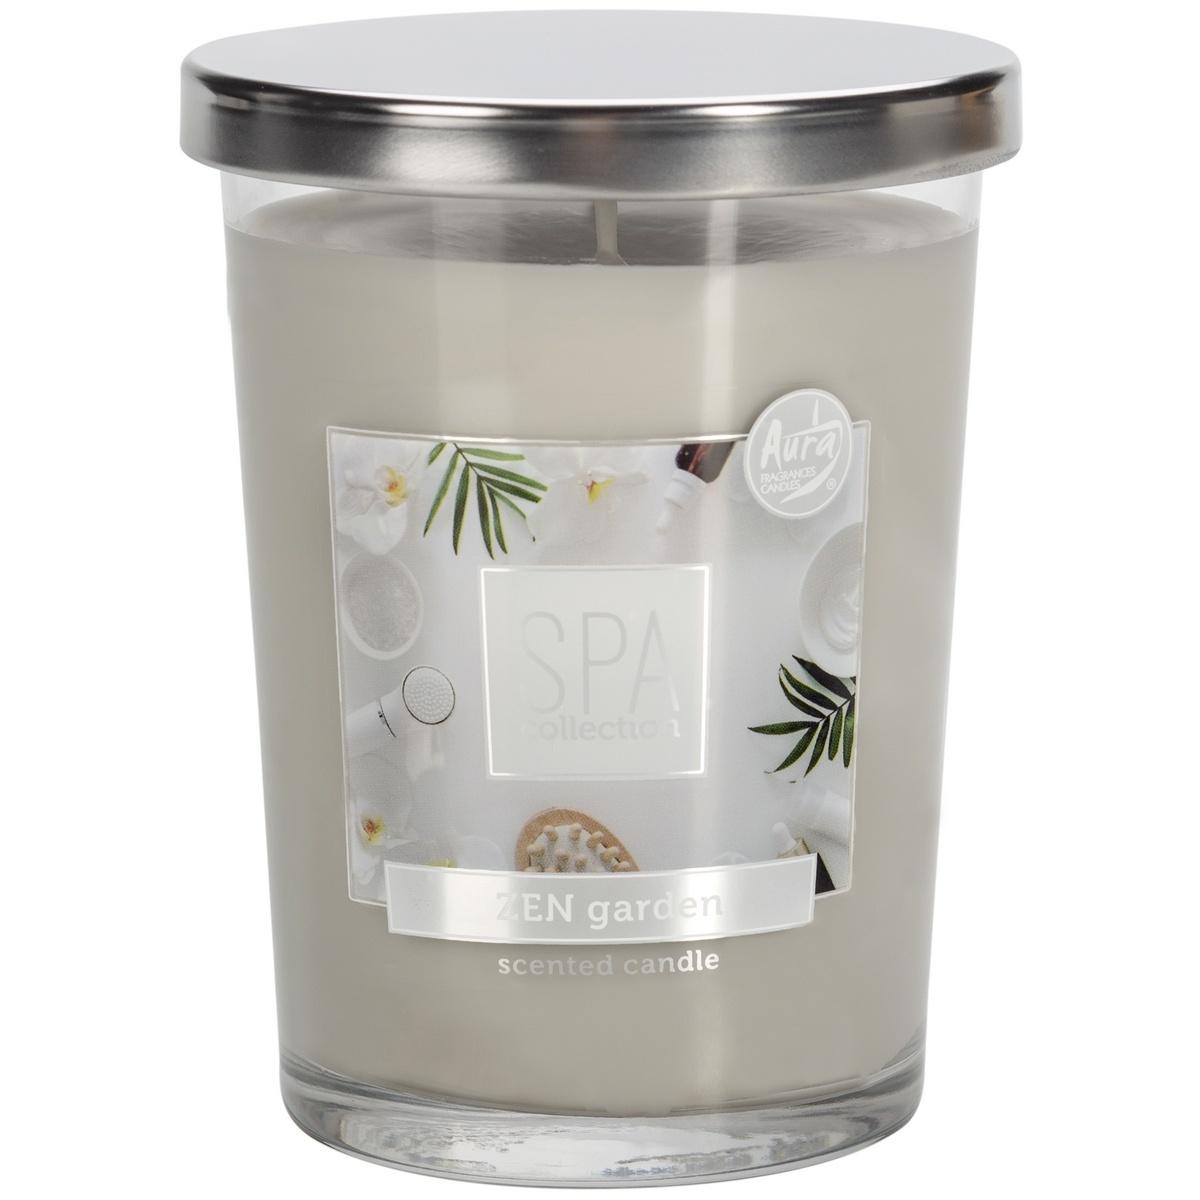 Lumânare parfumată în sticlă Spa Zen garden, 340 g, 12,2 cm imagine 2021 e4home.ro